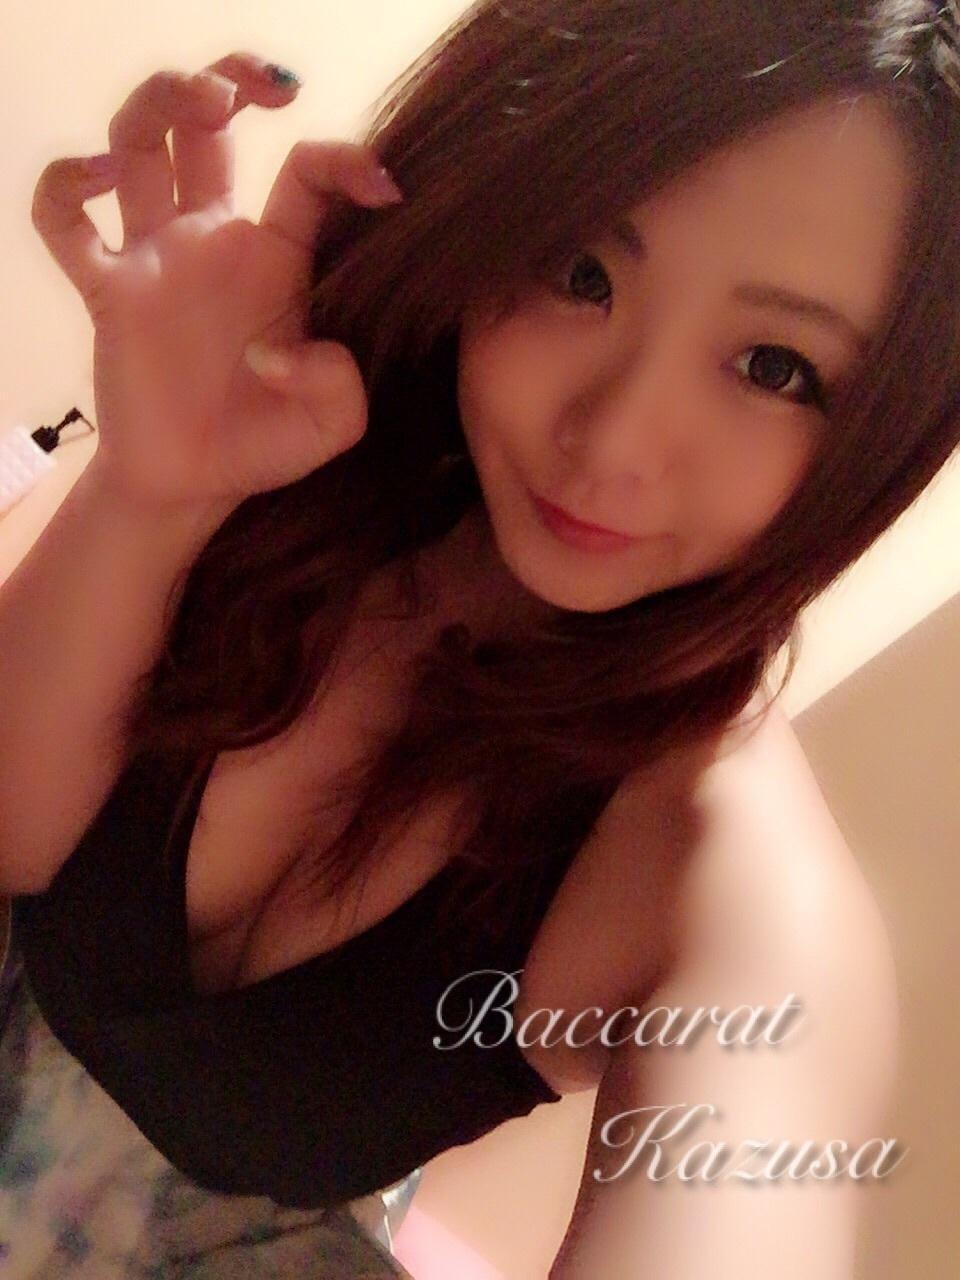 「☆毎月3回来る〜☆」06/18(06/18) 10:09 | かずさの写メ・風俗動画